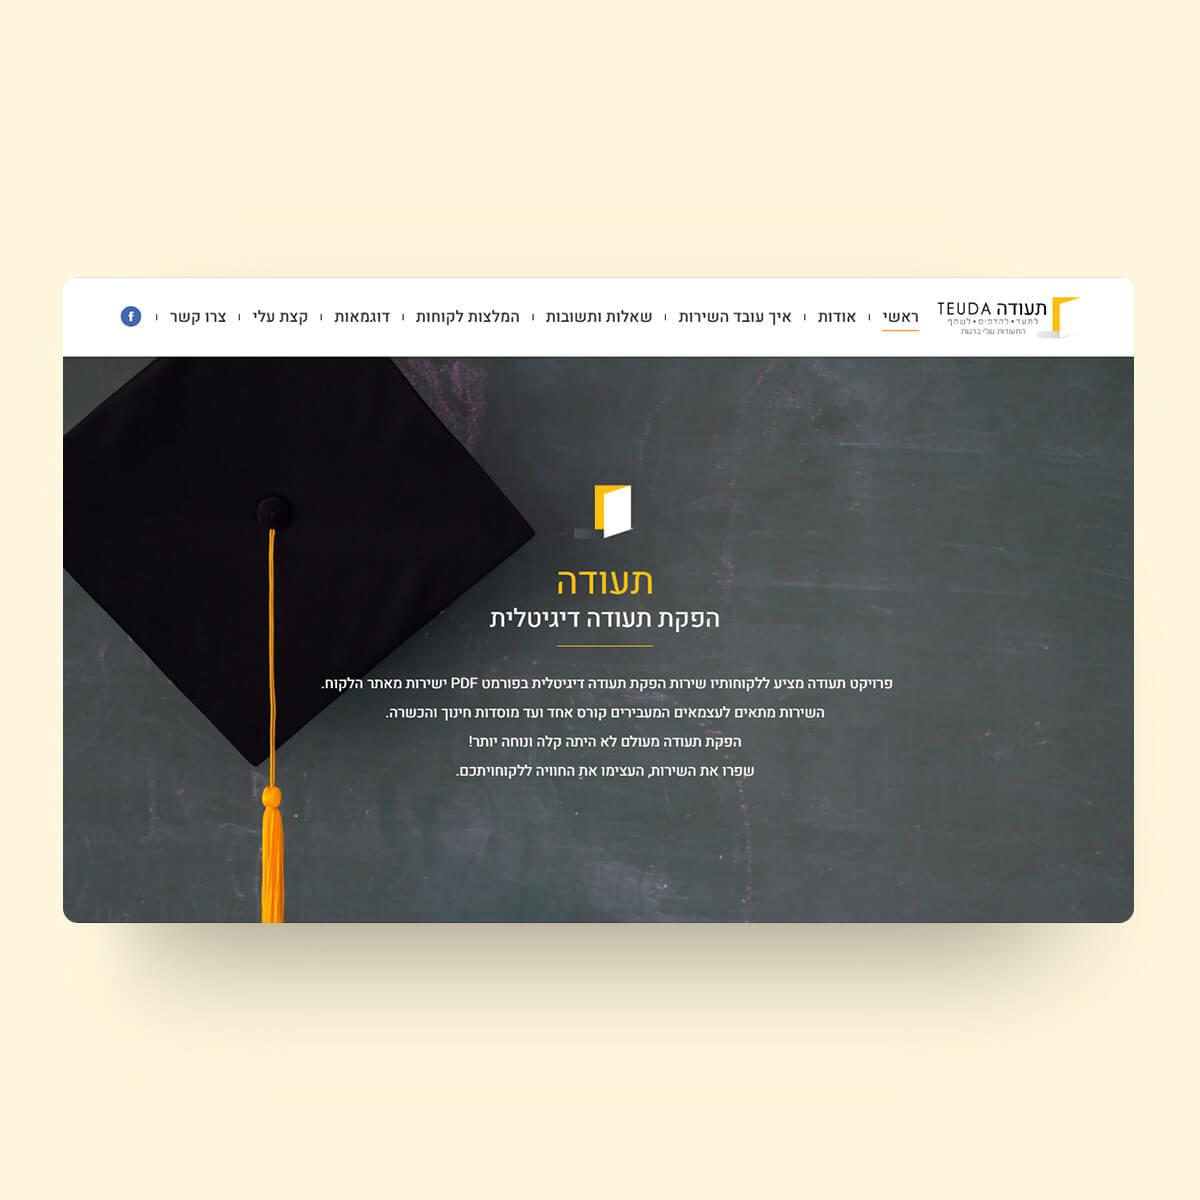 בניית אתרים - תעודה